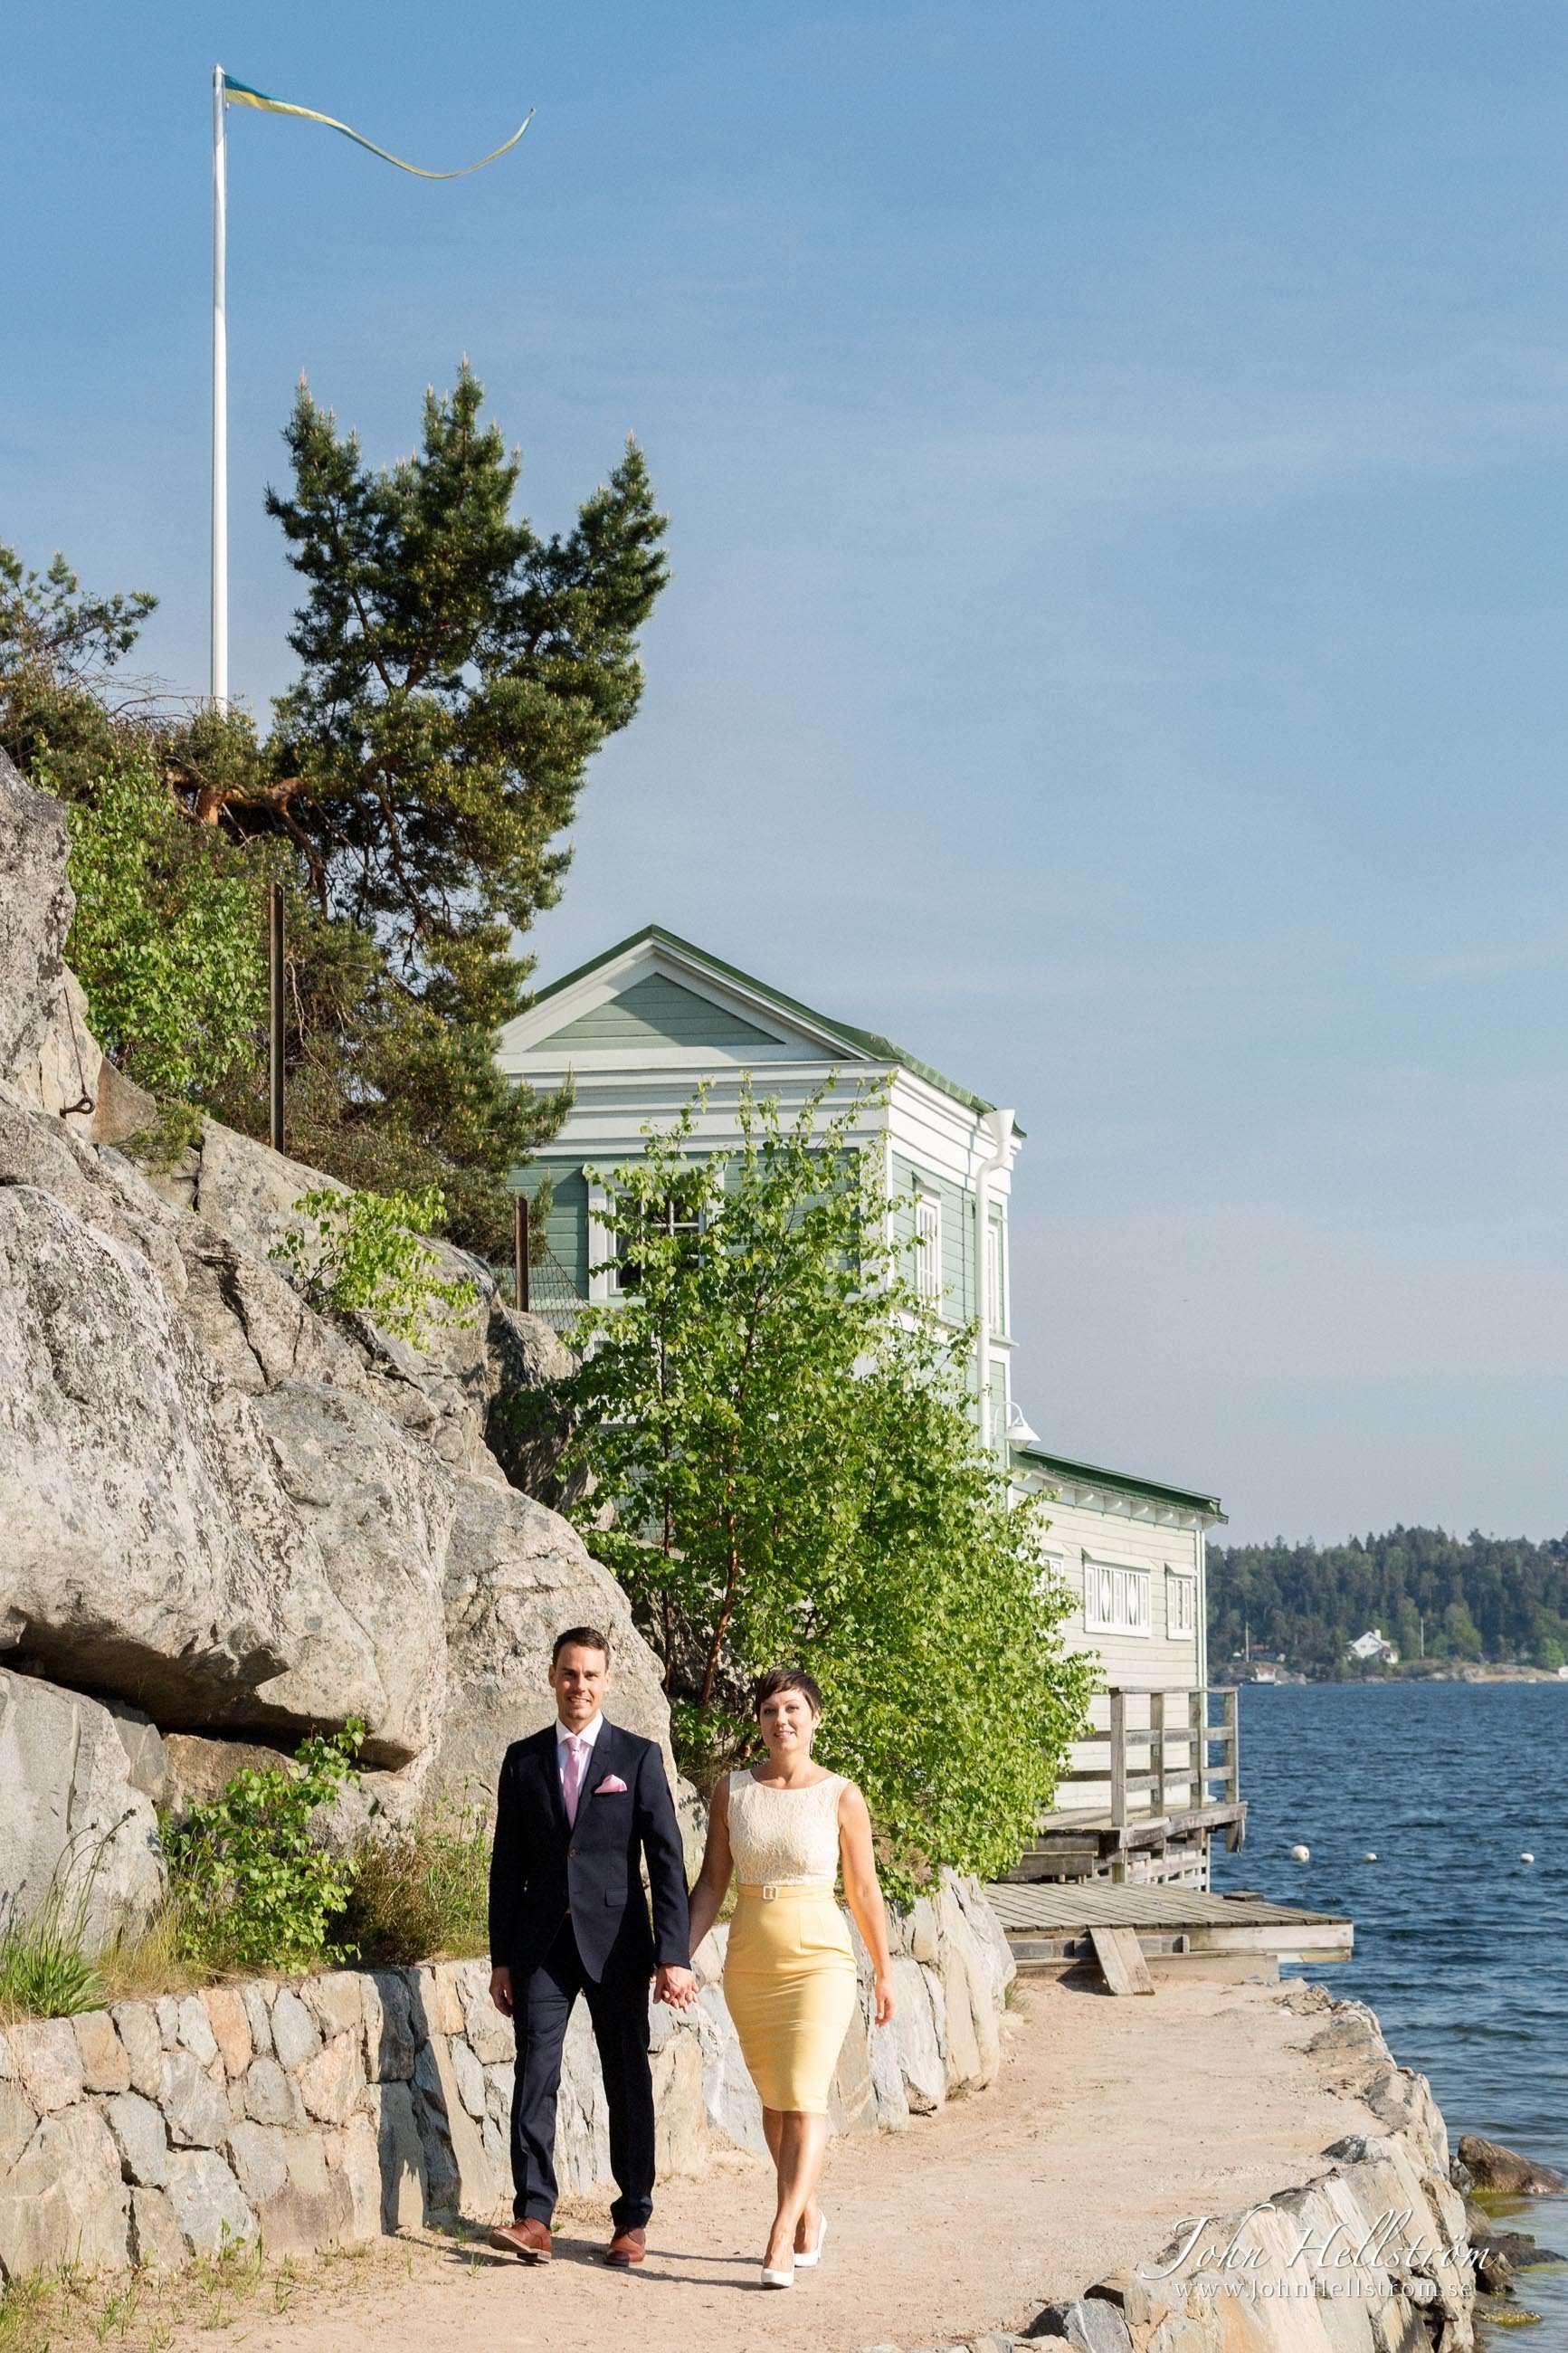 Brollopsfotograf-John-Hellstrom-Grand-Hotel-Saltsjobaden-2014-59